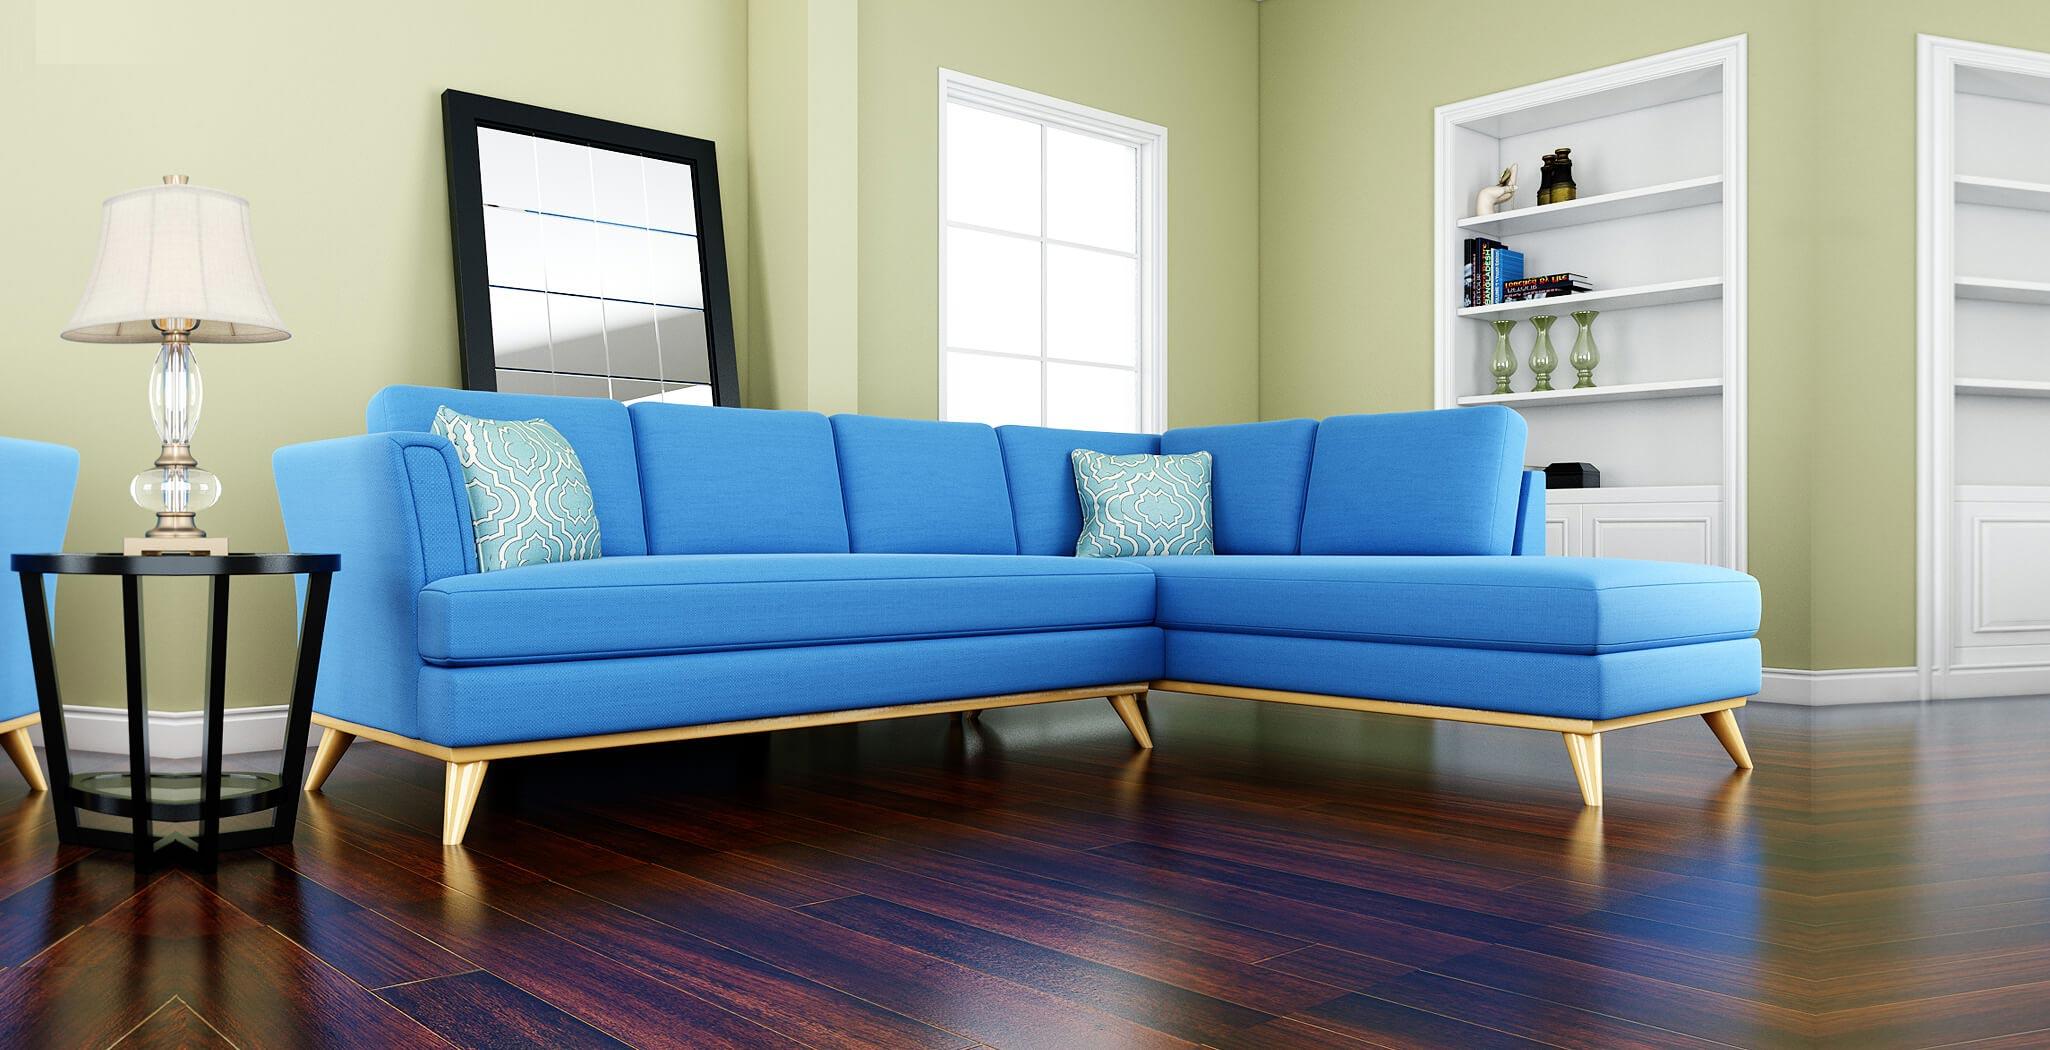 antalya panel furniture gallery 2